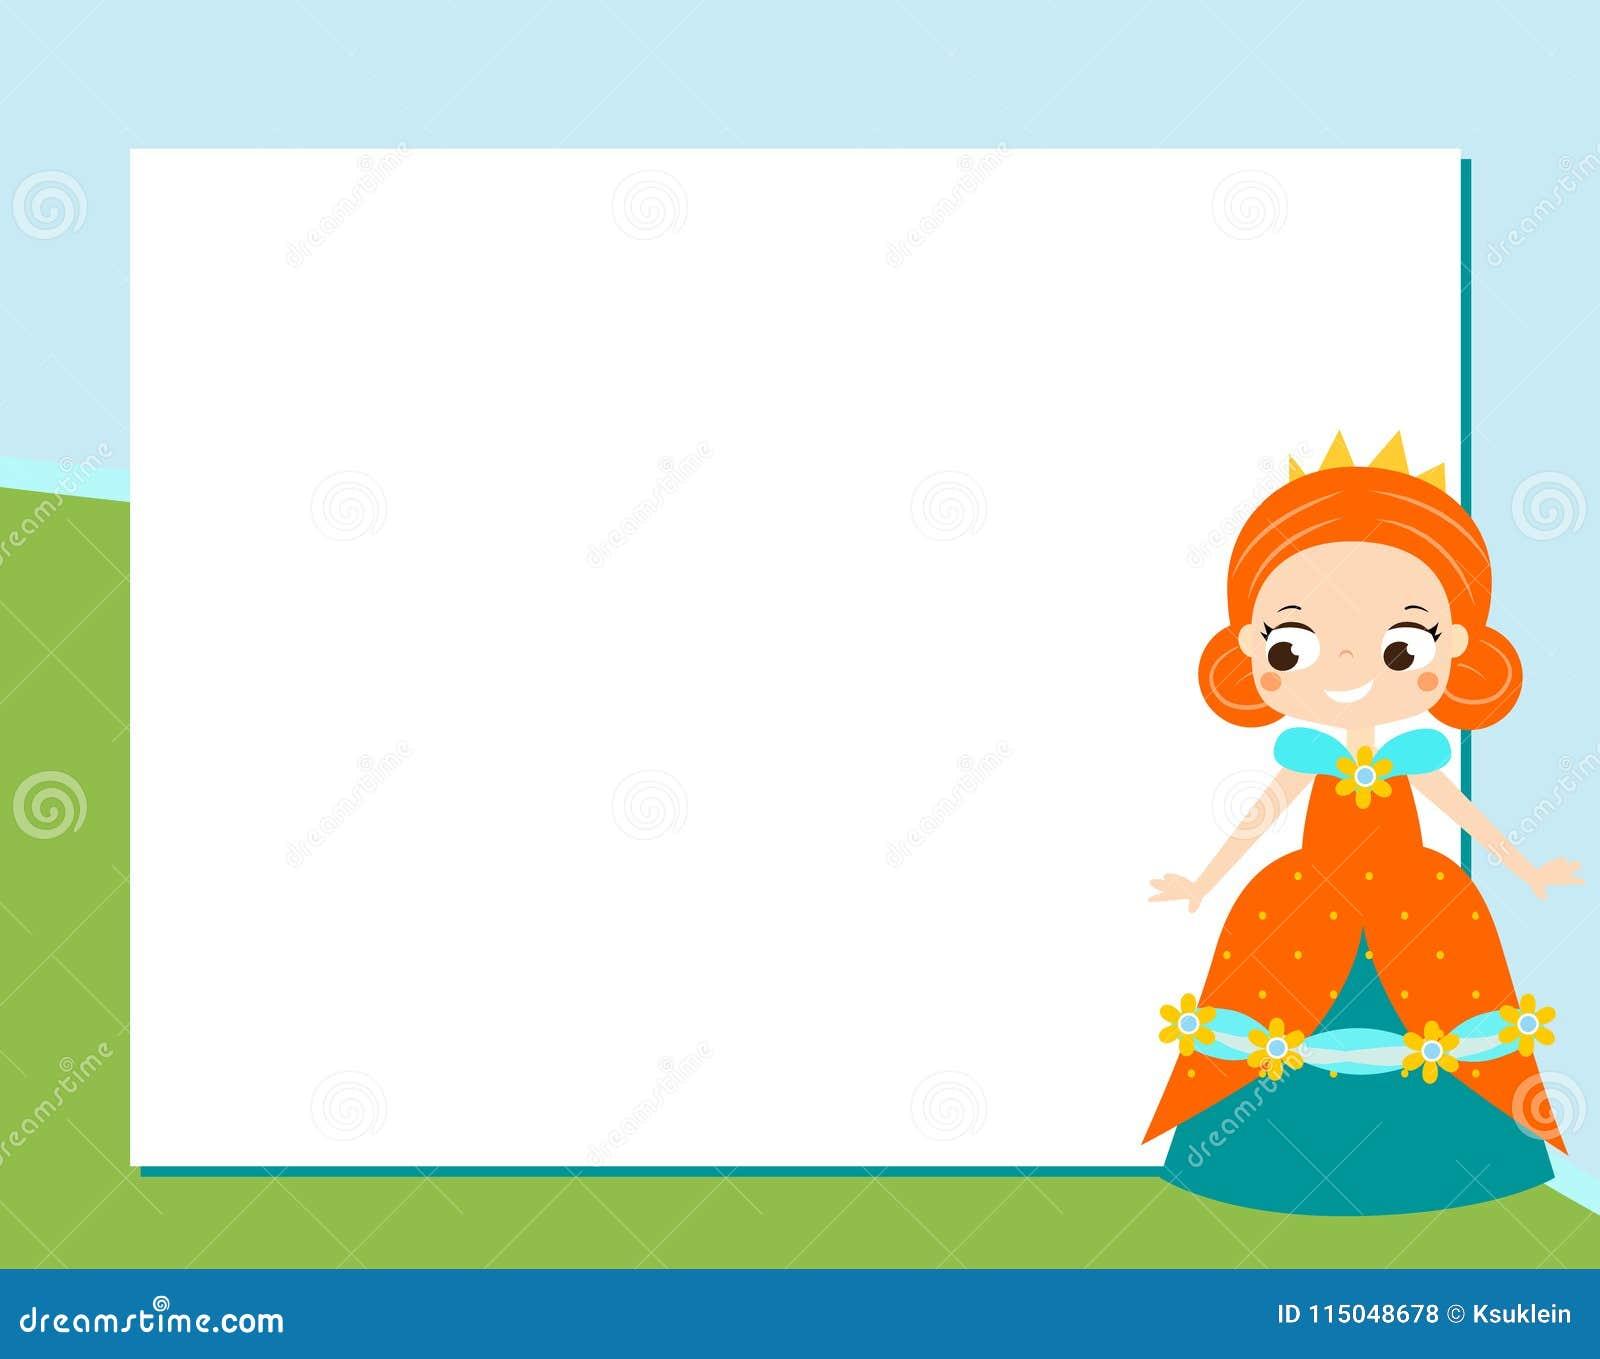 Plantilla Del Diseño Del Marco De La Princesa Para Las Fotos, Los ...